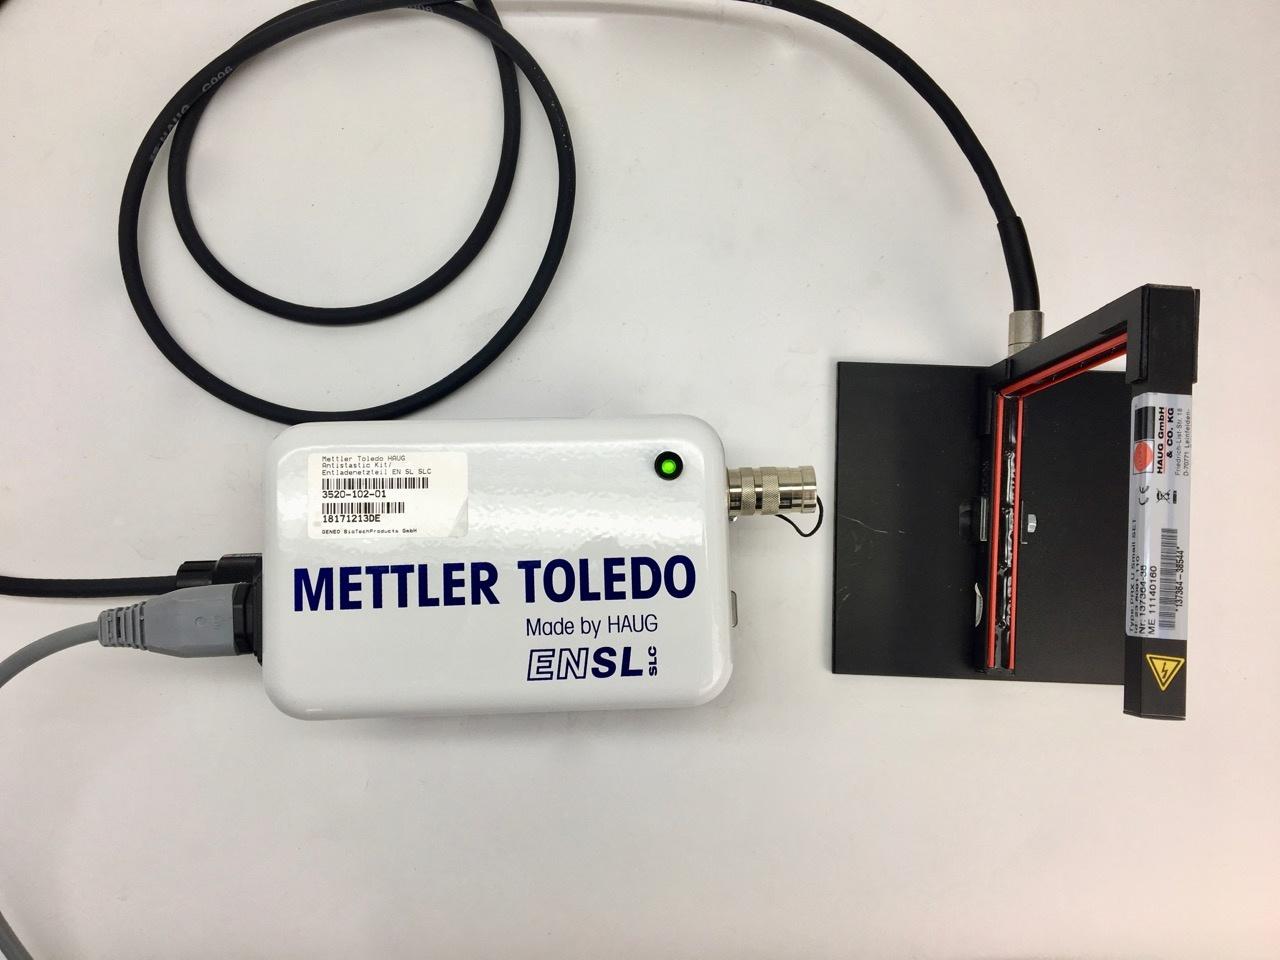 Mettler Toledo Mettler Toledo HAUG Antistastic Kit/Discharge Power Supply EN SL SLC